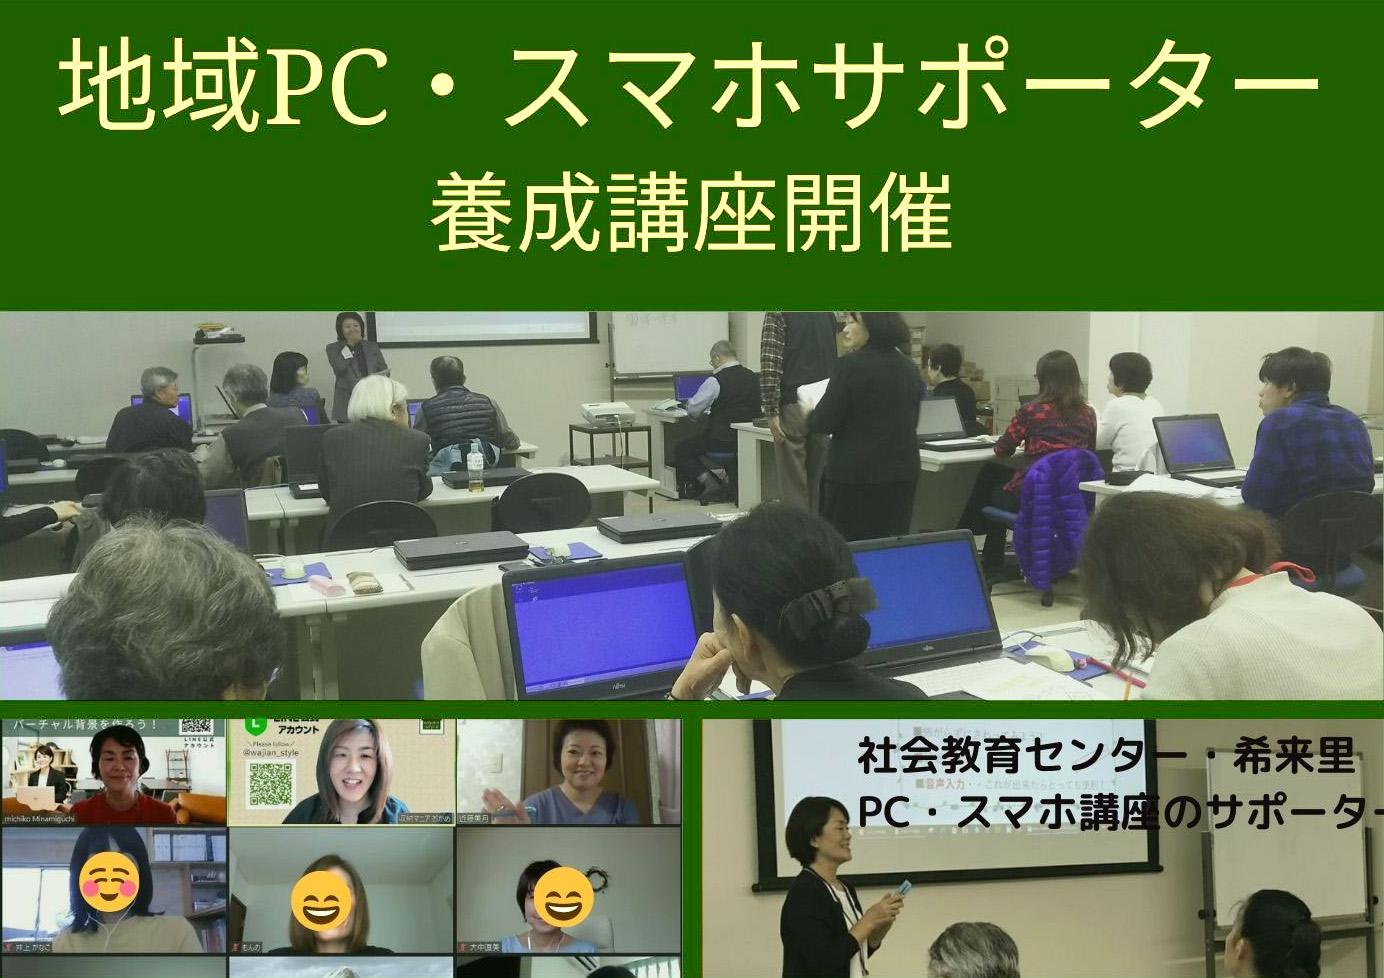 地域PC・スマホサポーター養成講座開催